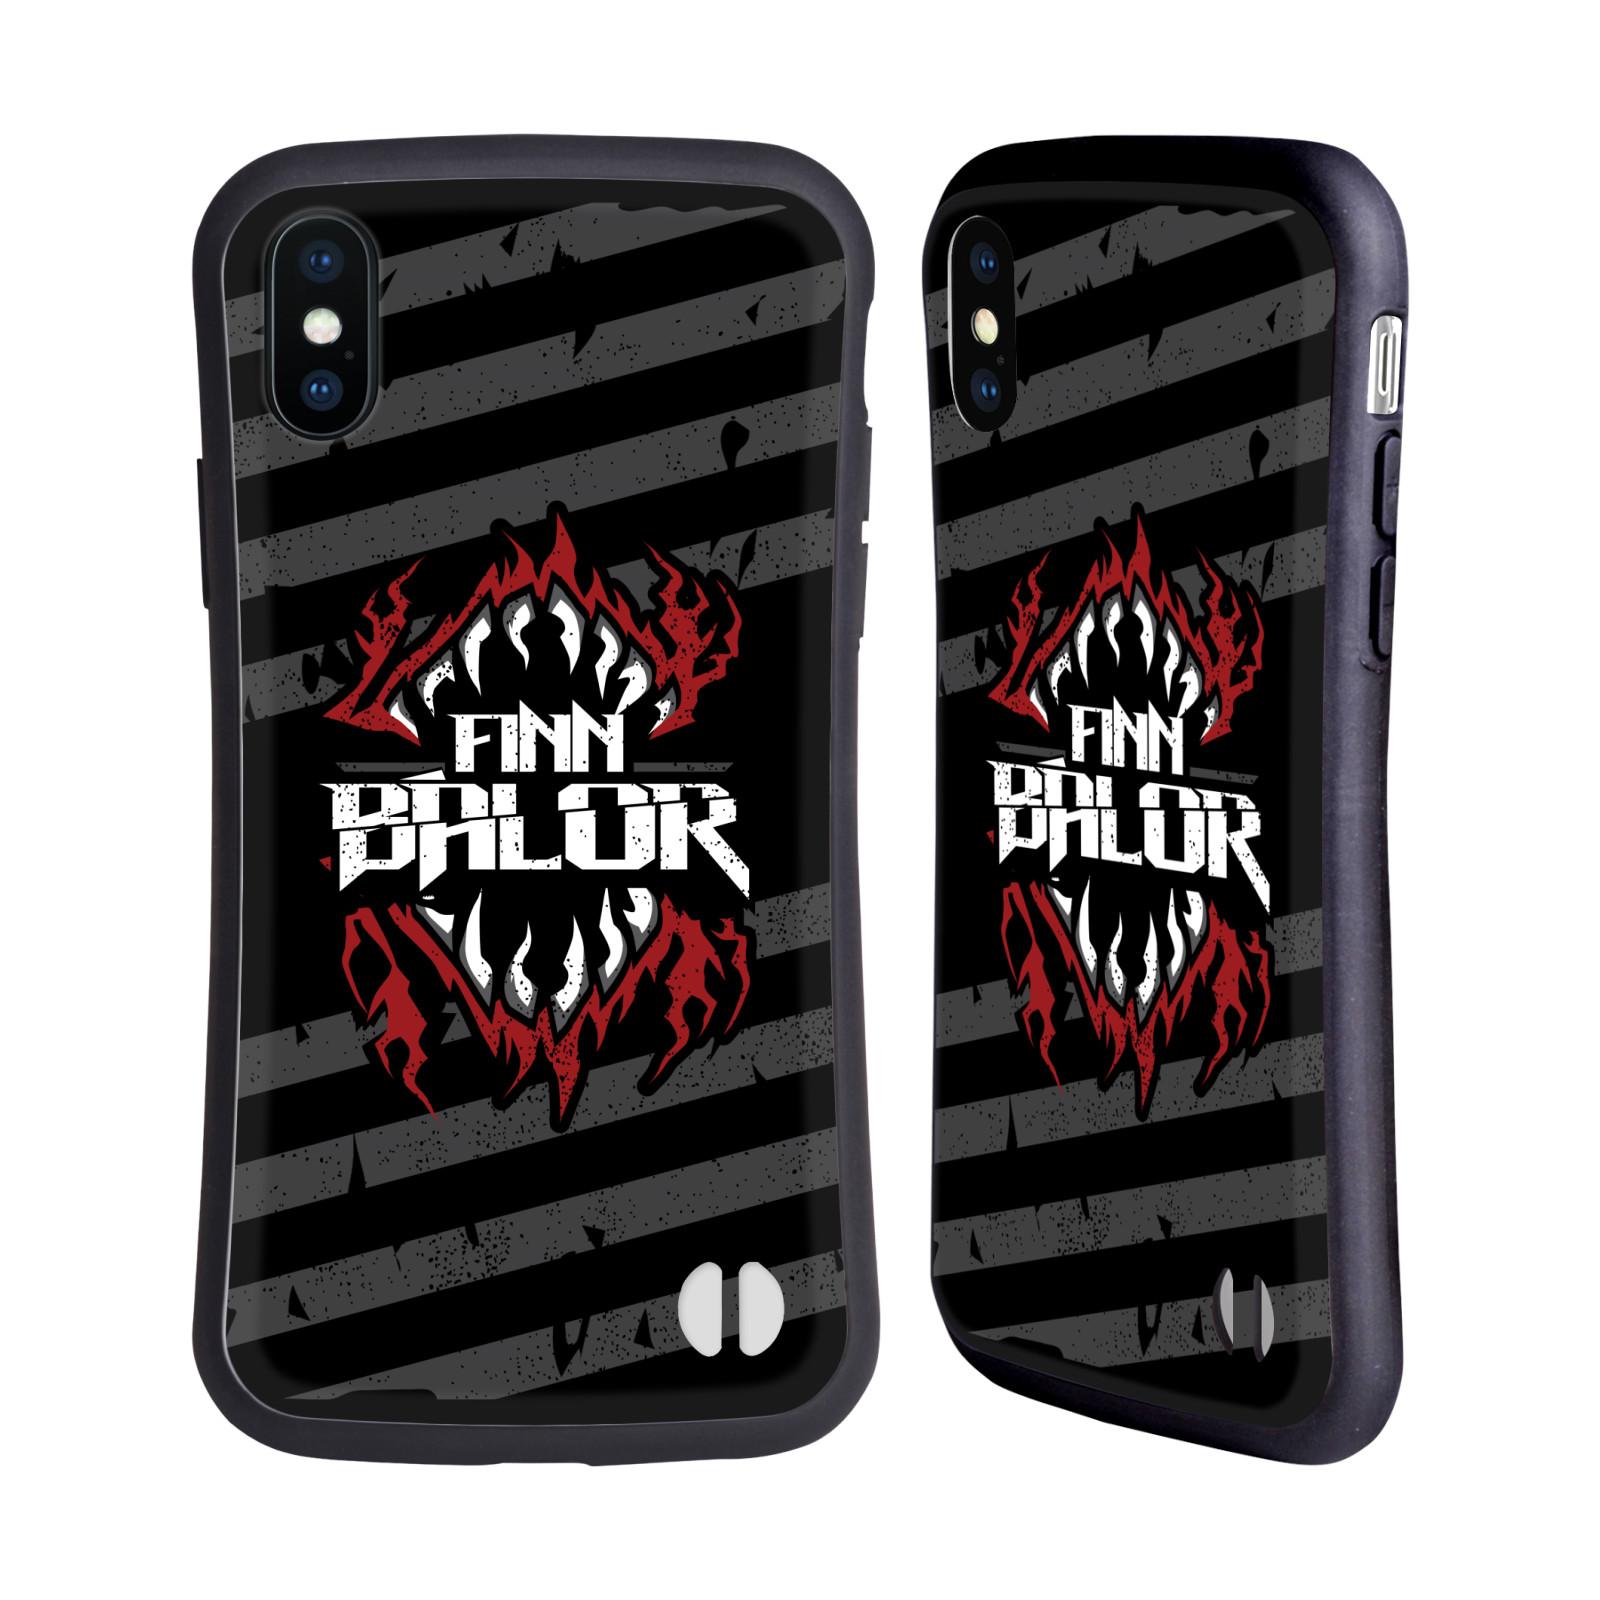 OFFICIAL-WWE-2017-FINN-BALOR-HYBRID-CASE-FOR-APPLE-iPHONES-PHONES